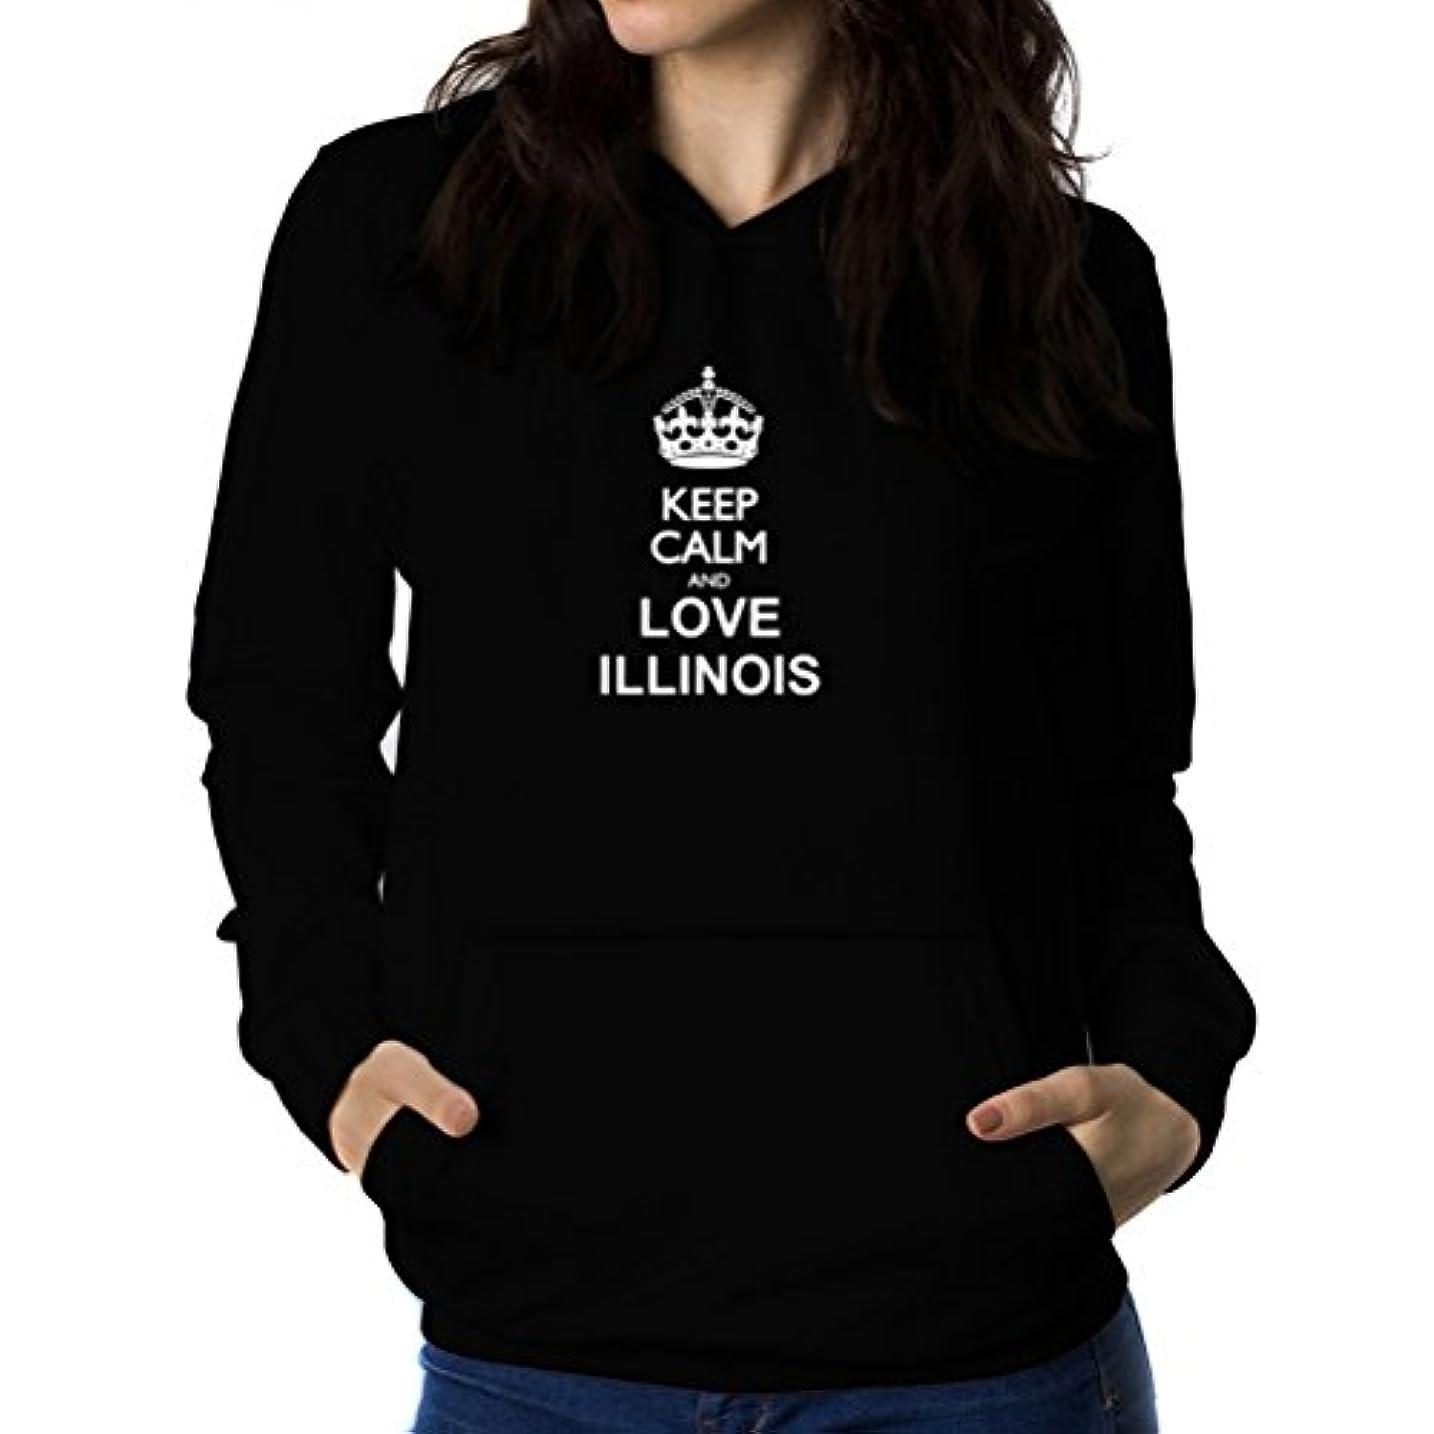 ライバル記念気体のKeep calm and love Illinois 女性 フーディー